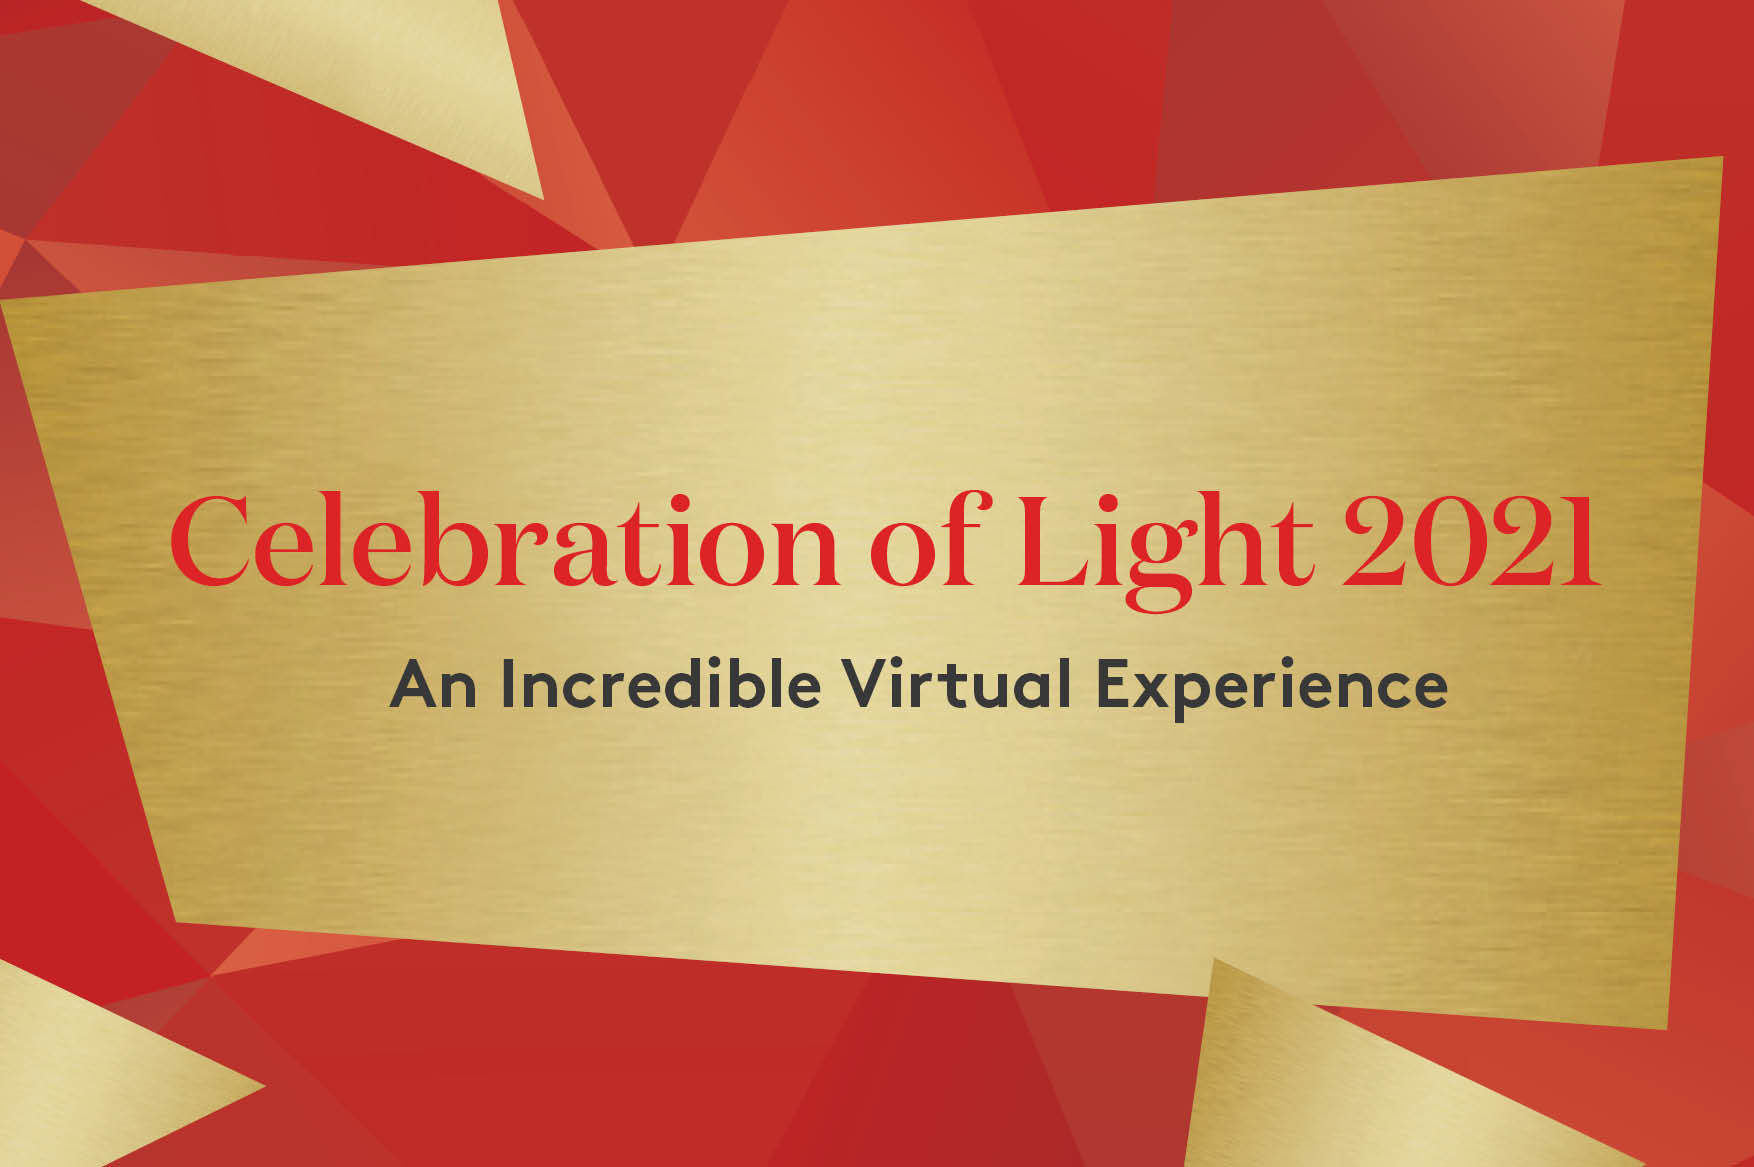 Celebration of light 2021